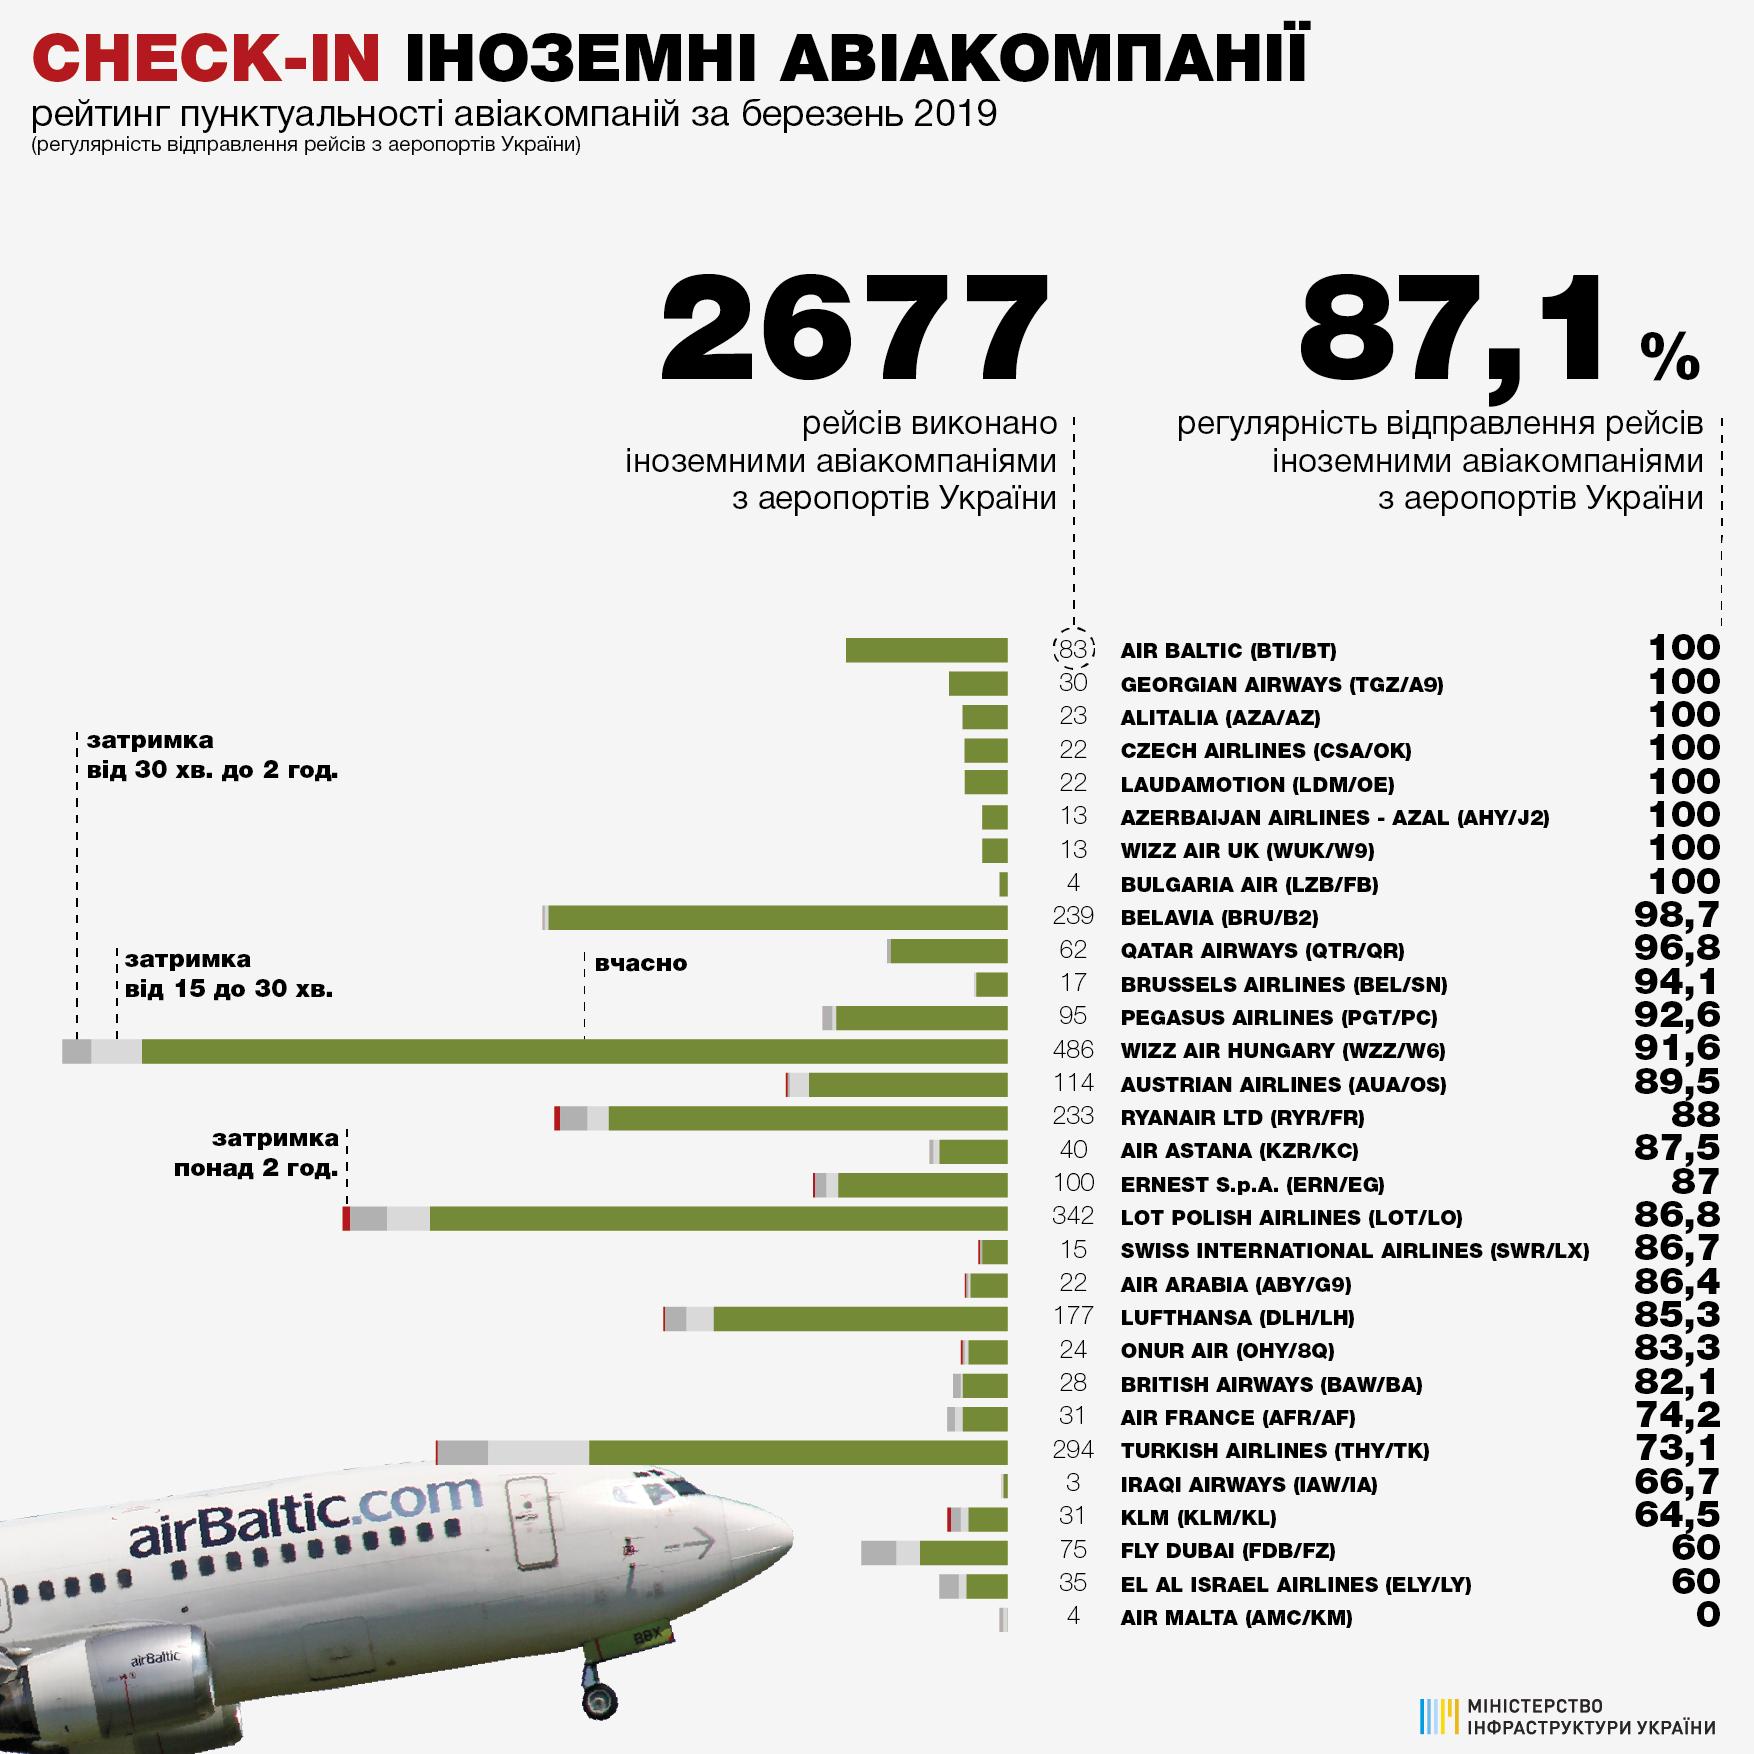 8 иностранных авиакомпаний были самыми пунктуальными в марте 2019 года